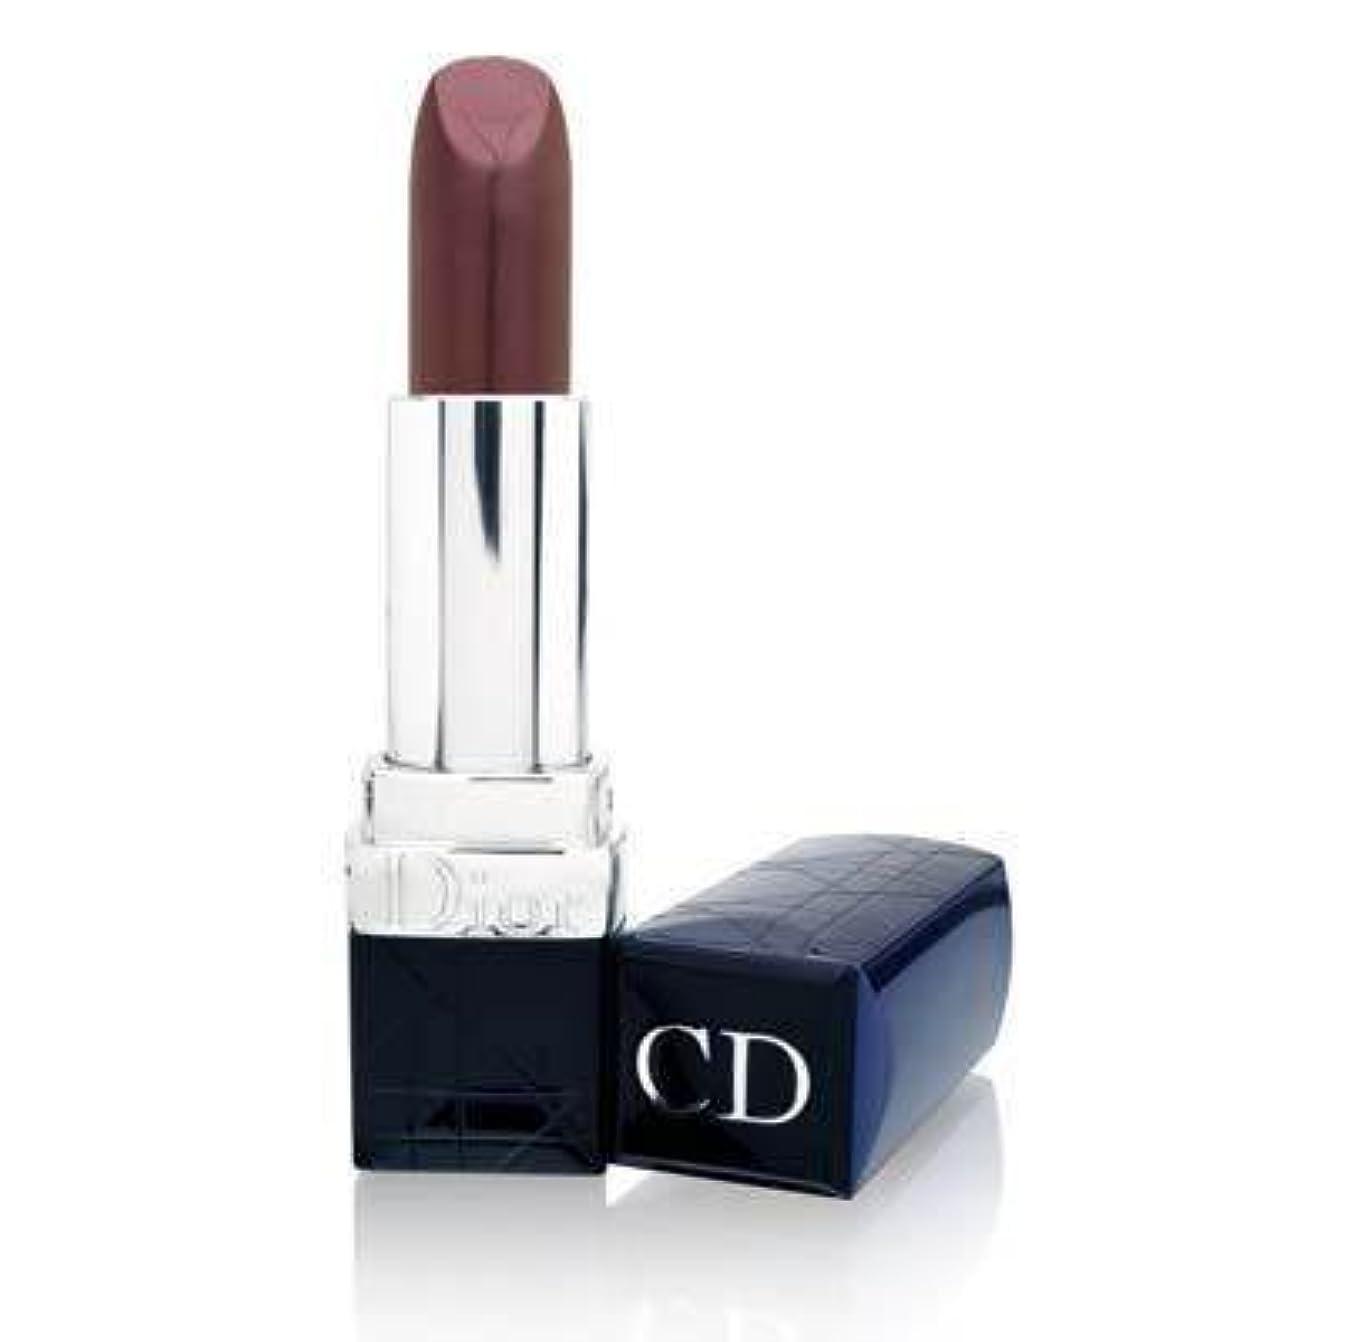 スポーツをする確率ホップRouge Dior Replenishing Lipstick 966 Purple Sultan Satin(ルージュディオール リプレニッシング リップスティック 966 パープル スルタン サテン)[海外直送品]...